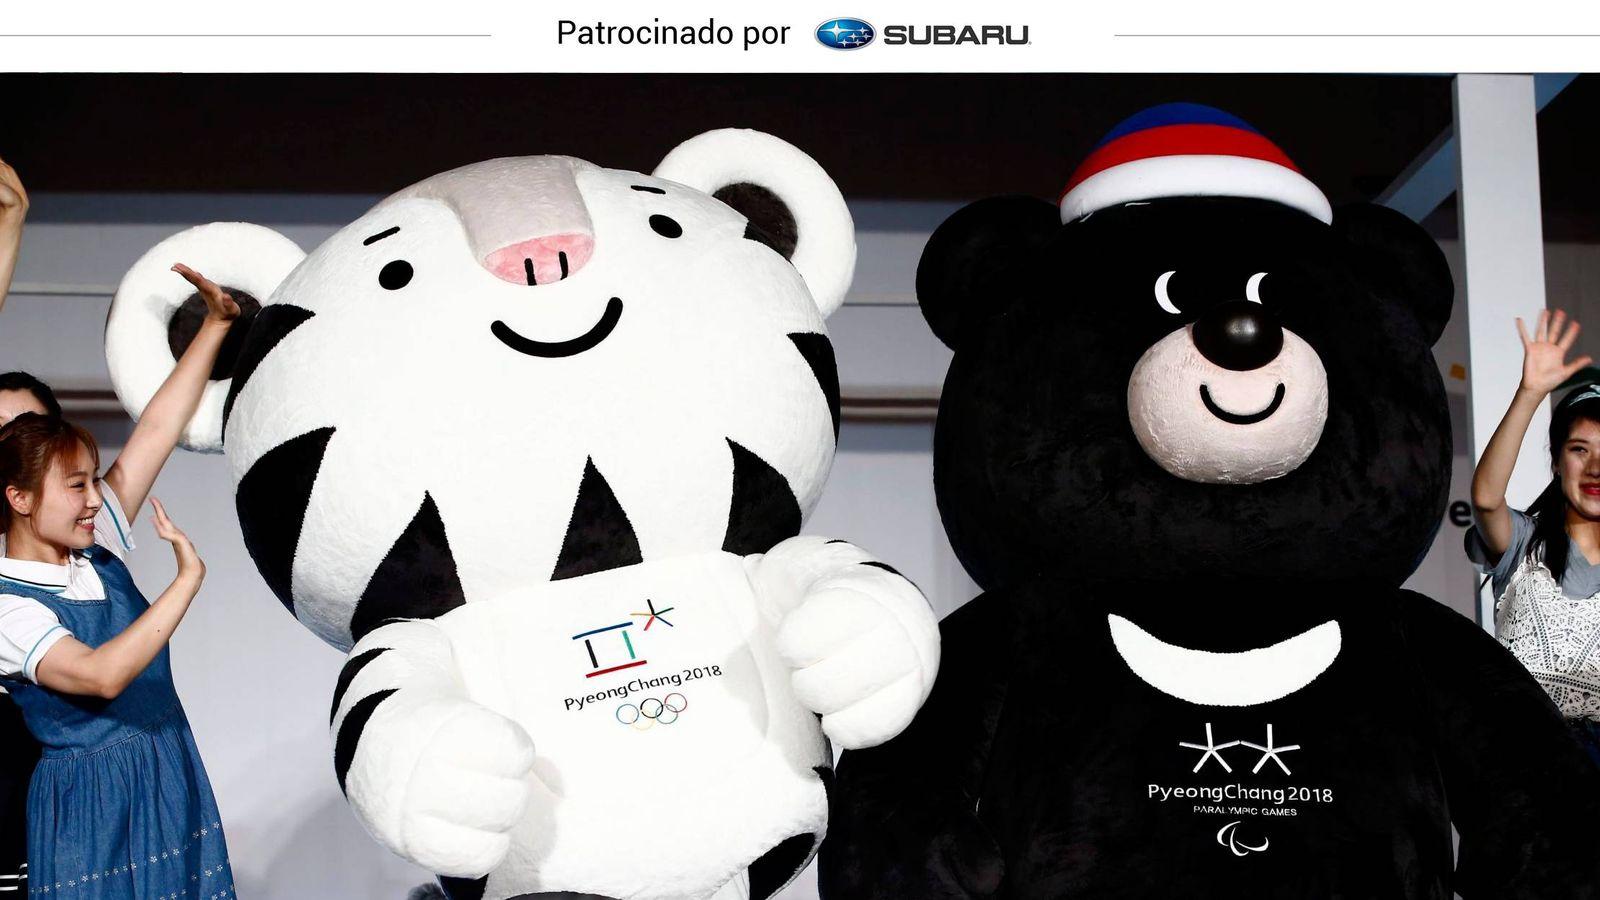 Juegos Olimpicos De Pyeongchang 2018 Diez Cosas Que Debes Saber